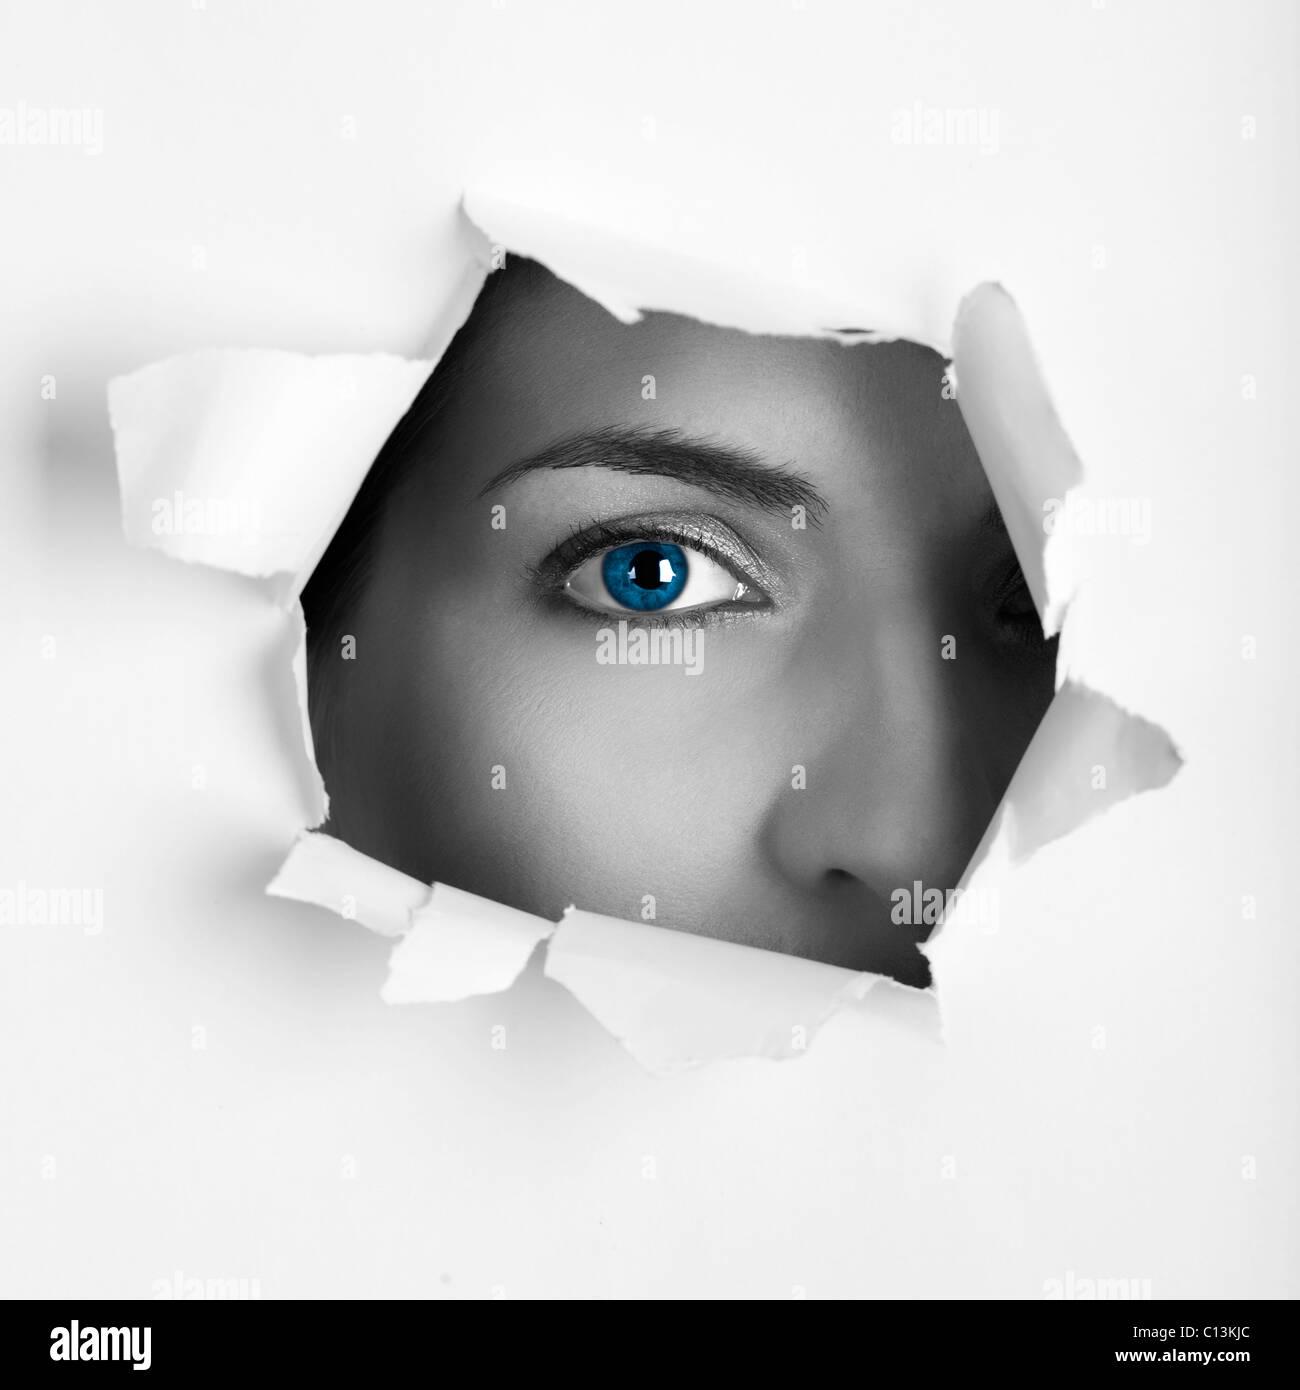 Bela fêmea blue eye olhando através de um orifício em uma folha de papel Imagens de Stock